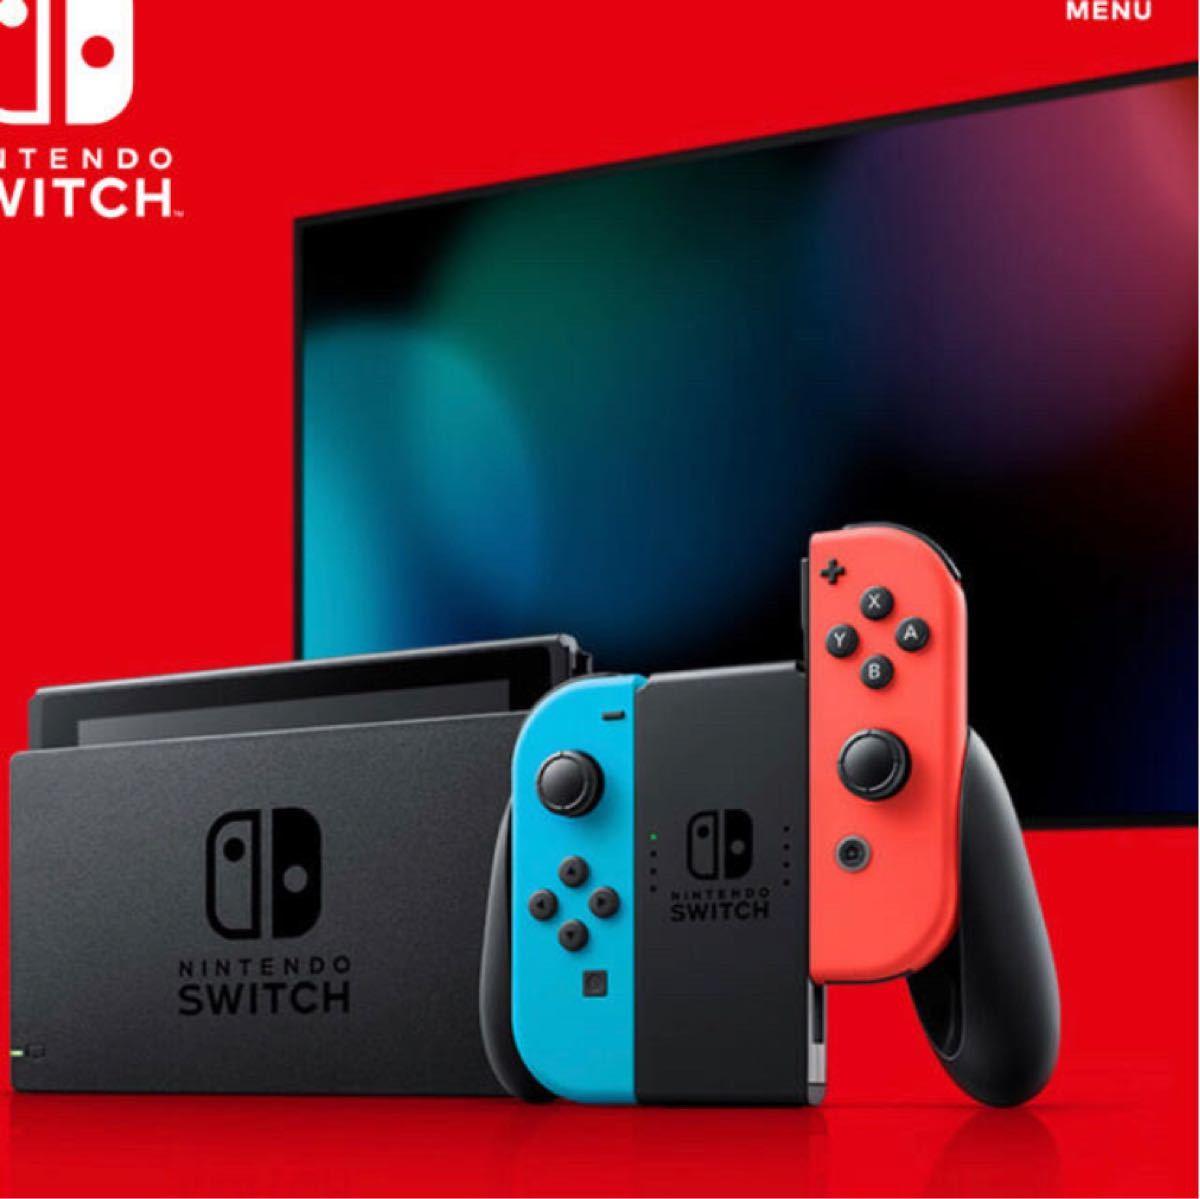 Nintendo Switch カセット付き ネオンブルー ネオンレッド Switch本体 ニンテンドースイッチ本体